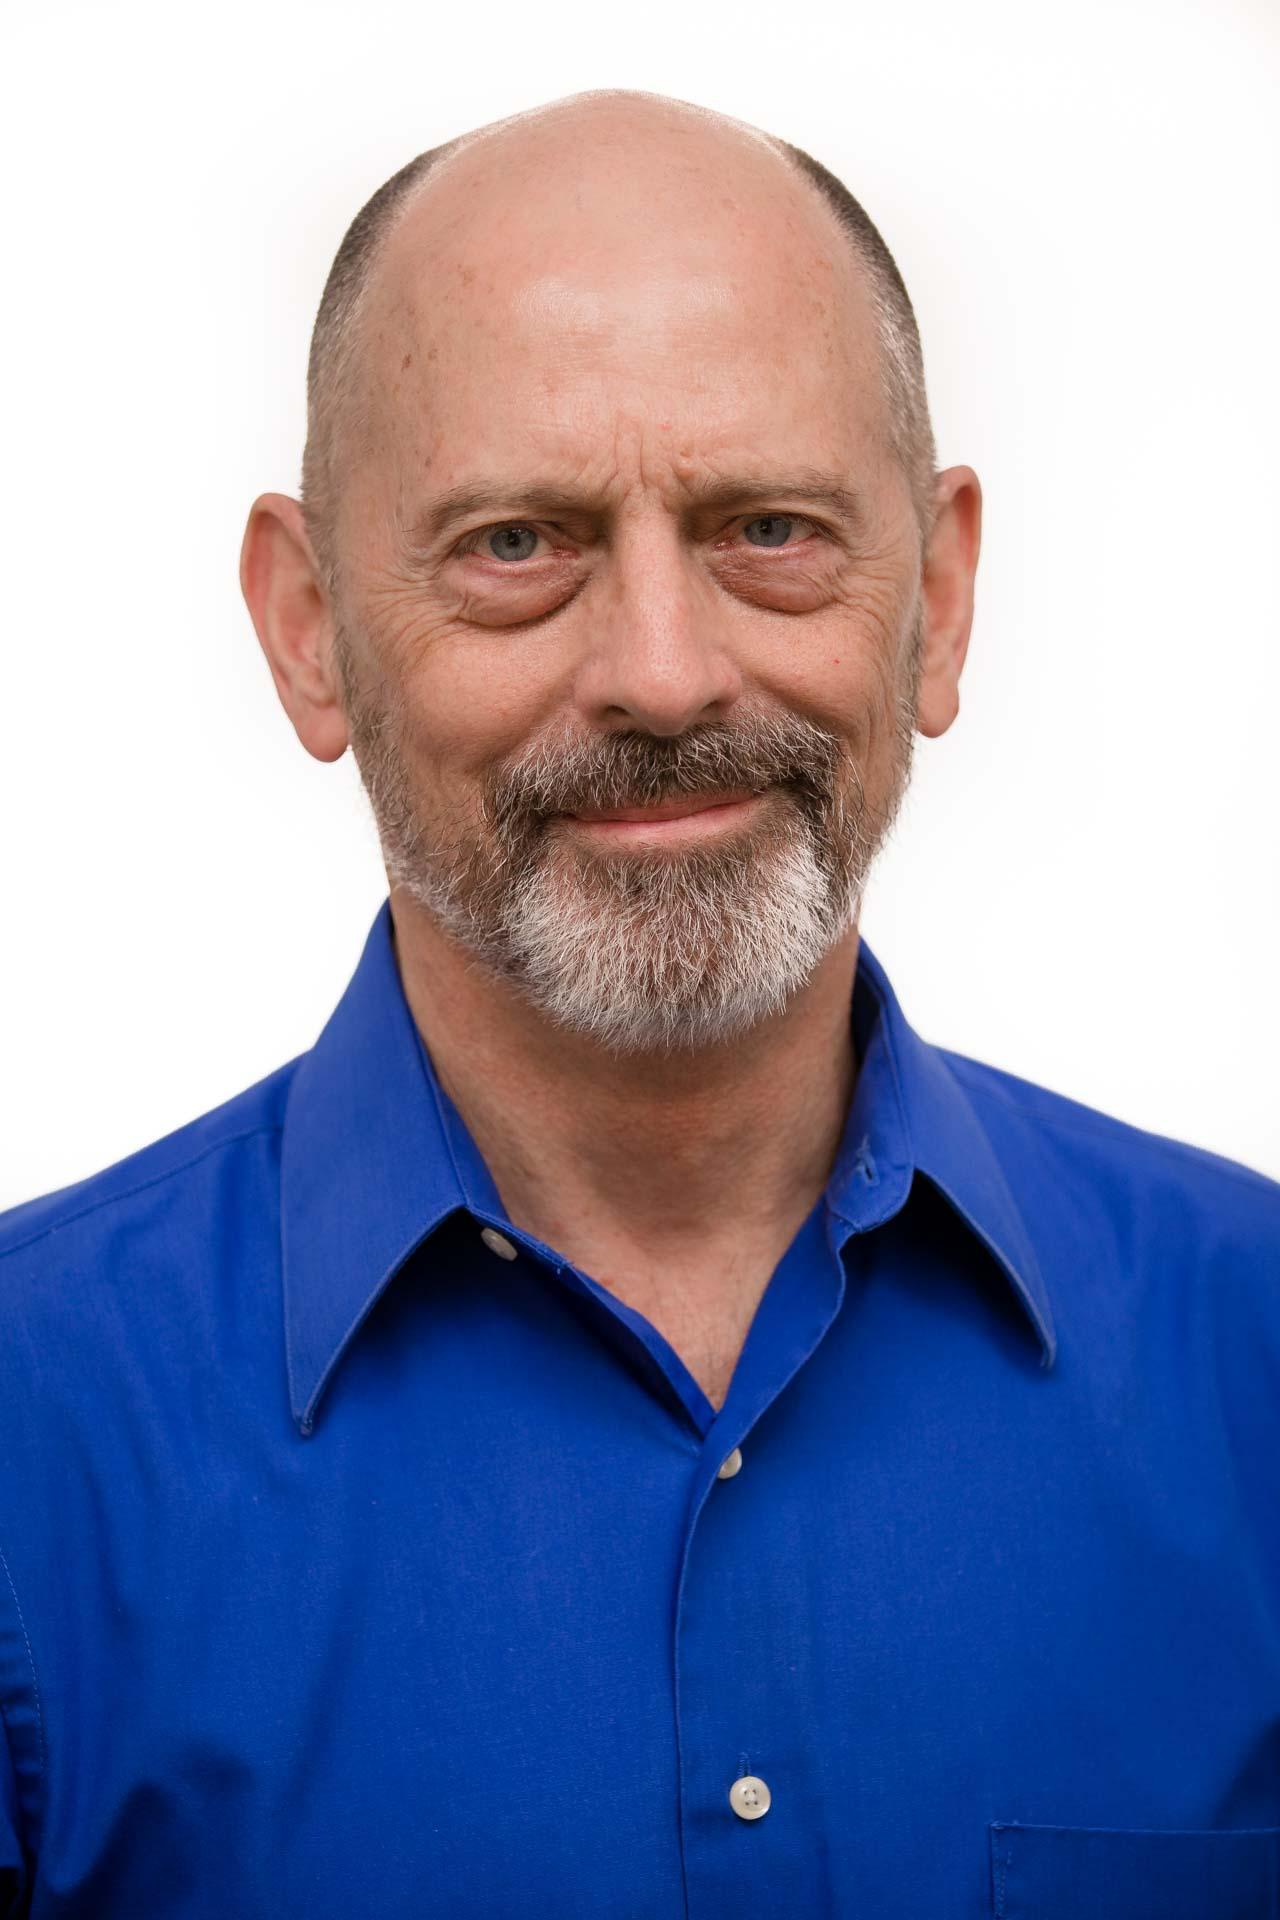 Ken Hunnicutt